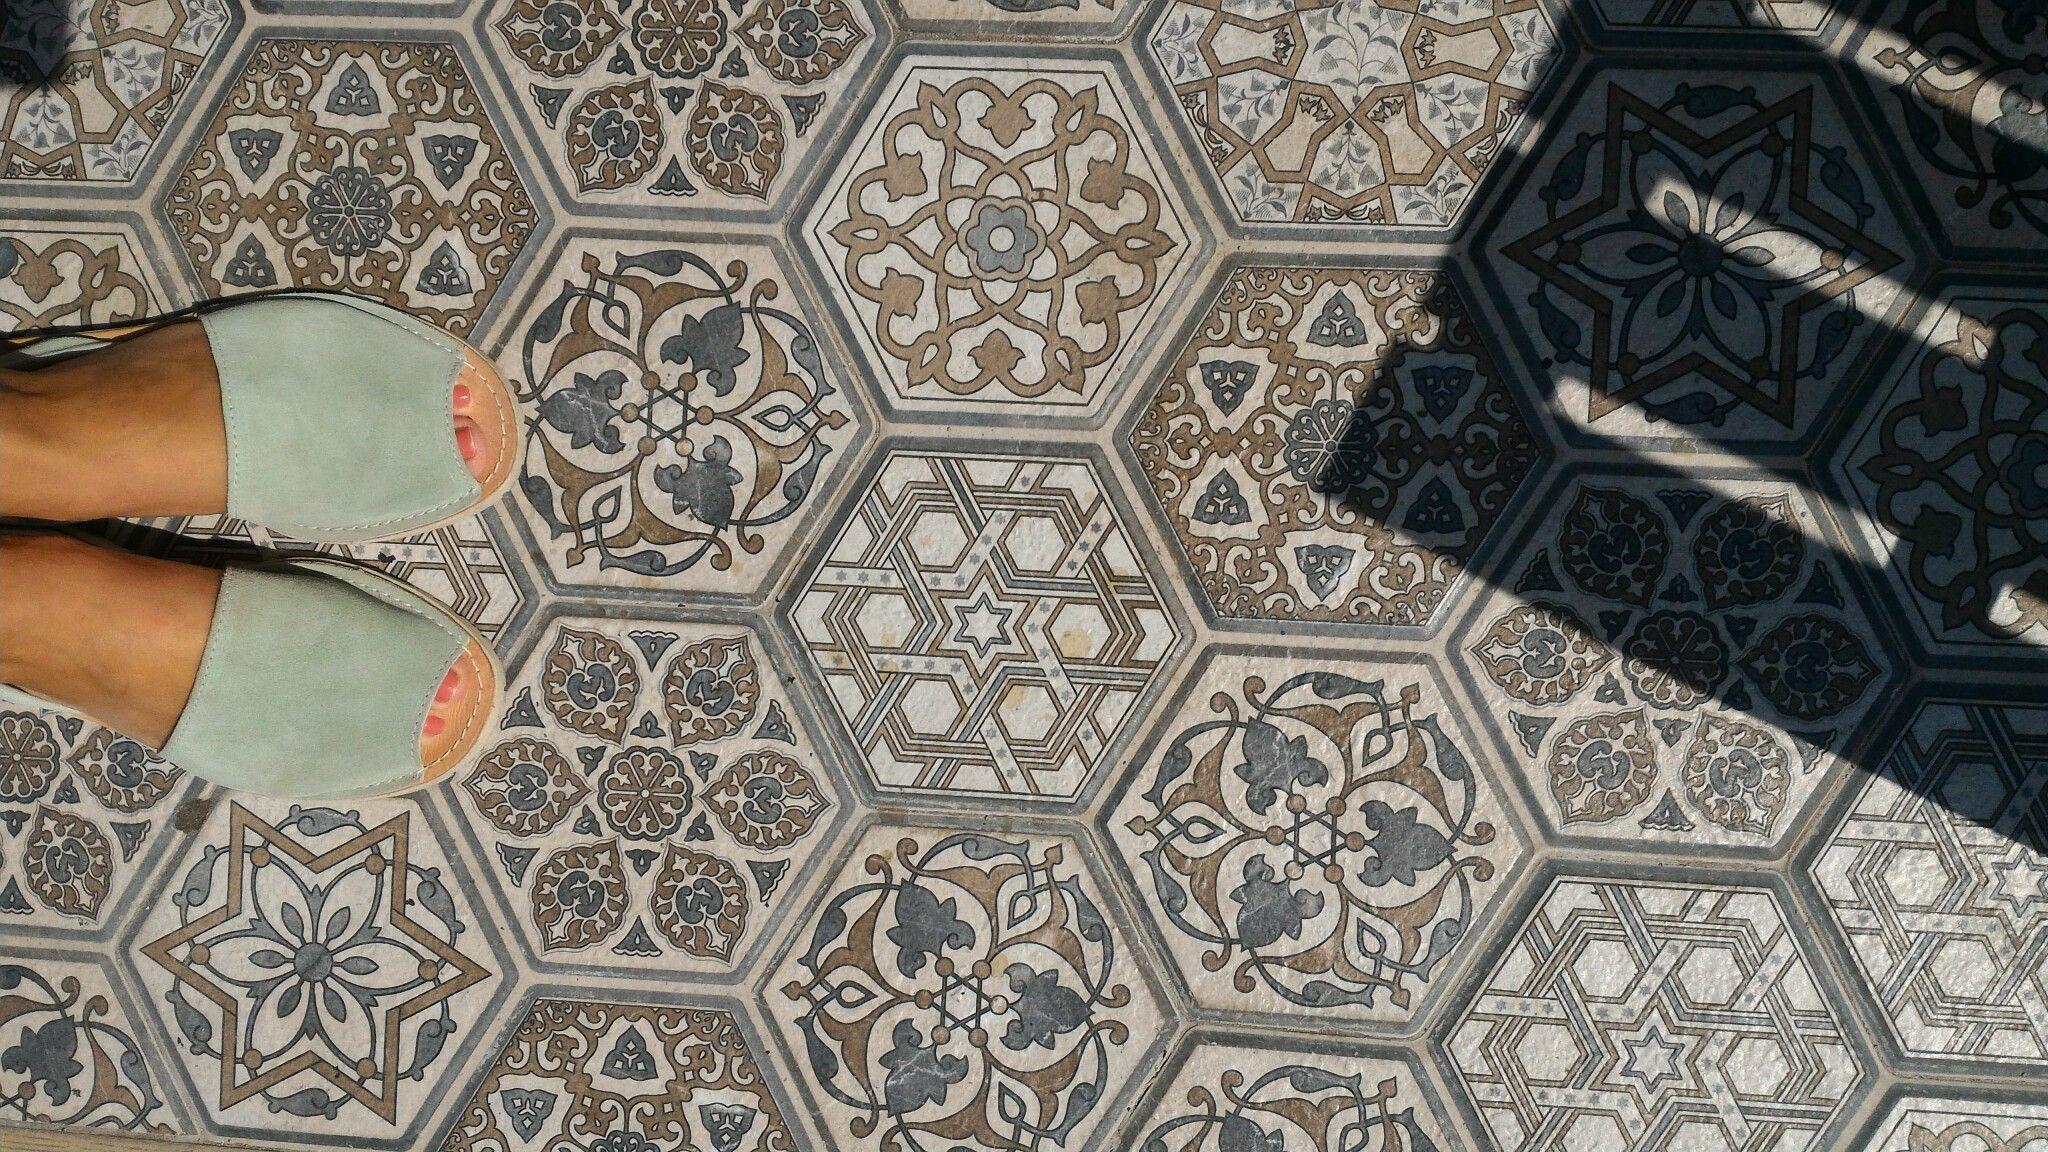 Ottoman inspired tiles